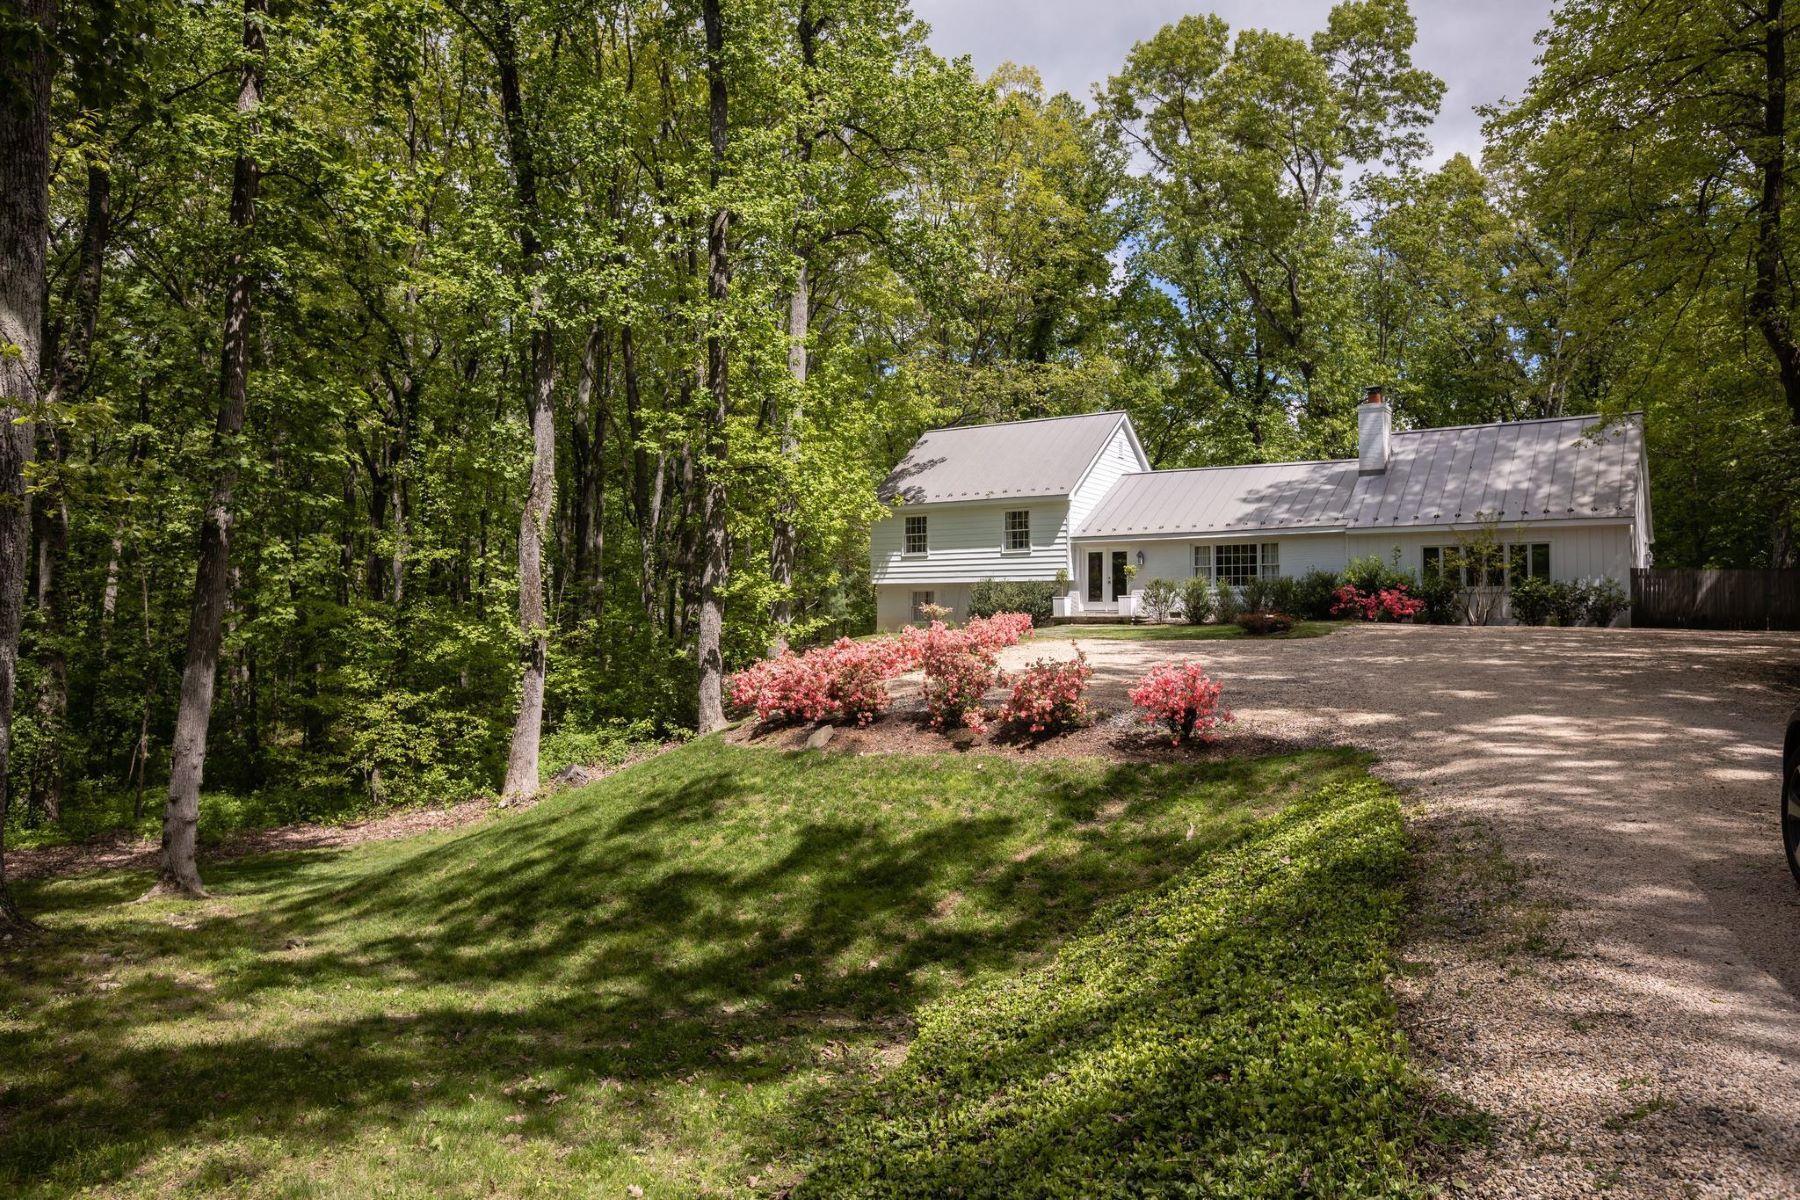 Single Family Homes 为 销售 在 3755 Rectortown Rd 马歇尔, 弗吉尼亚州 20115 美国